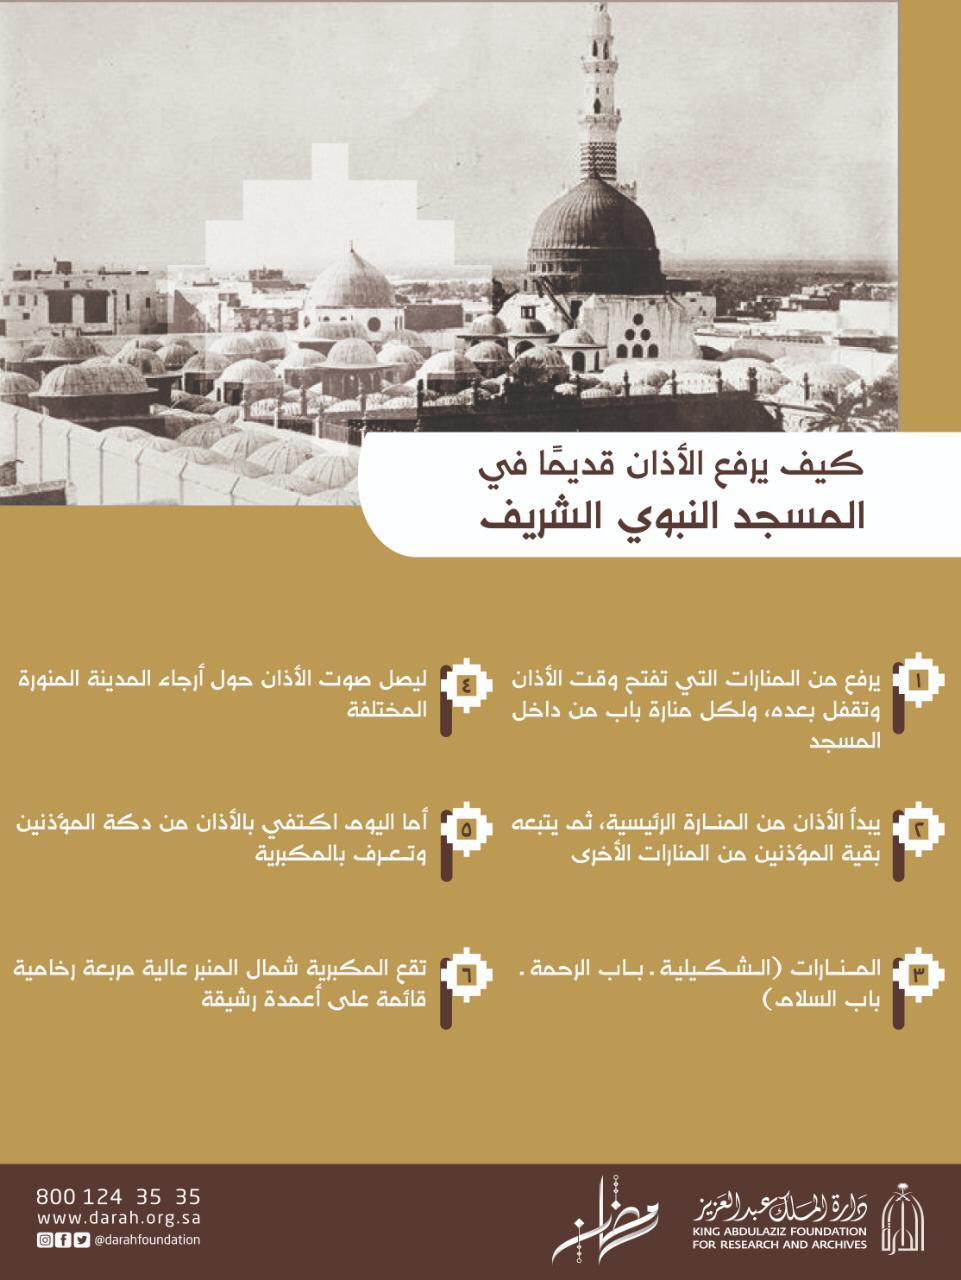 الأذان قديما فى المسجد النبوى الشريف كيف كان يرفع انفوجراف جريدة الشعلة الإلكترونية